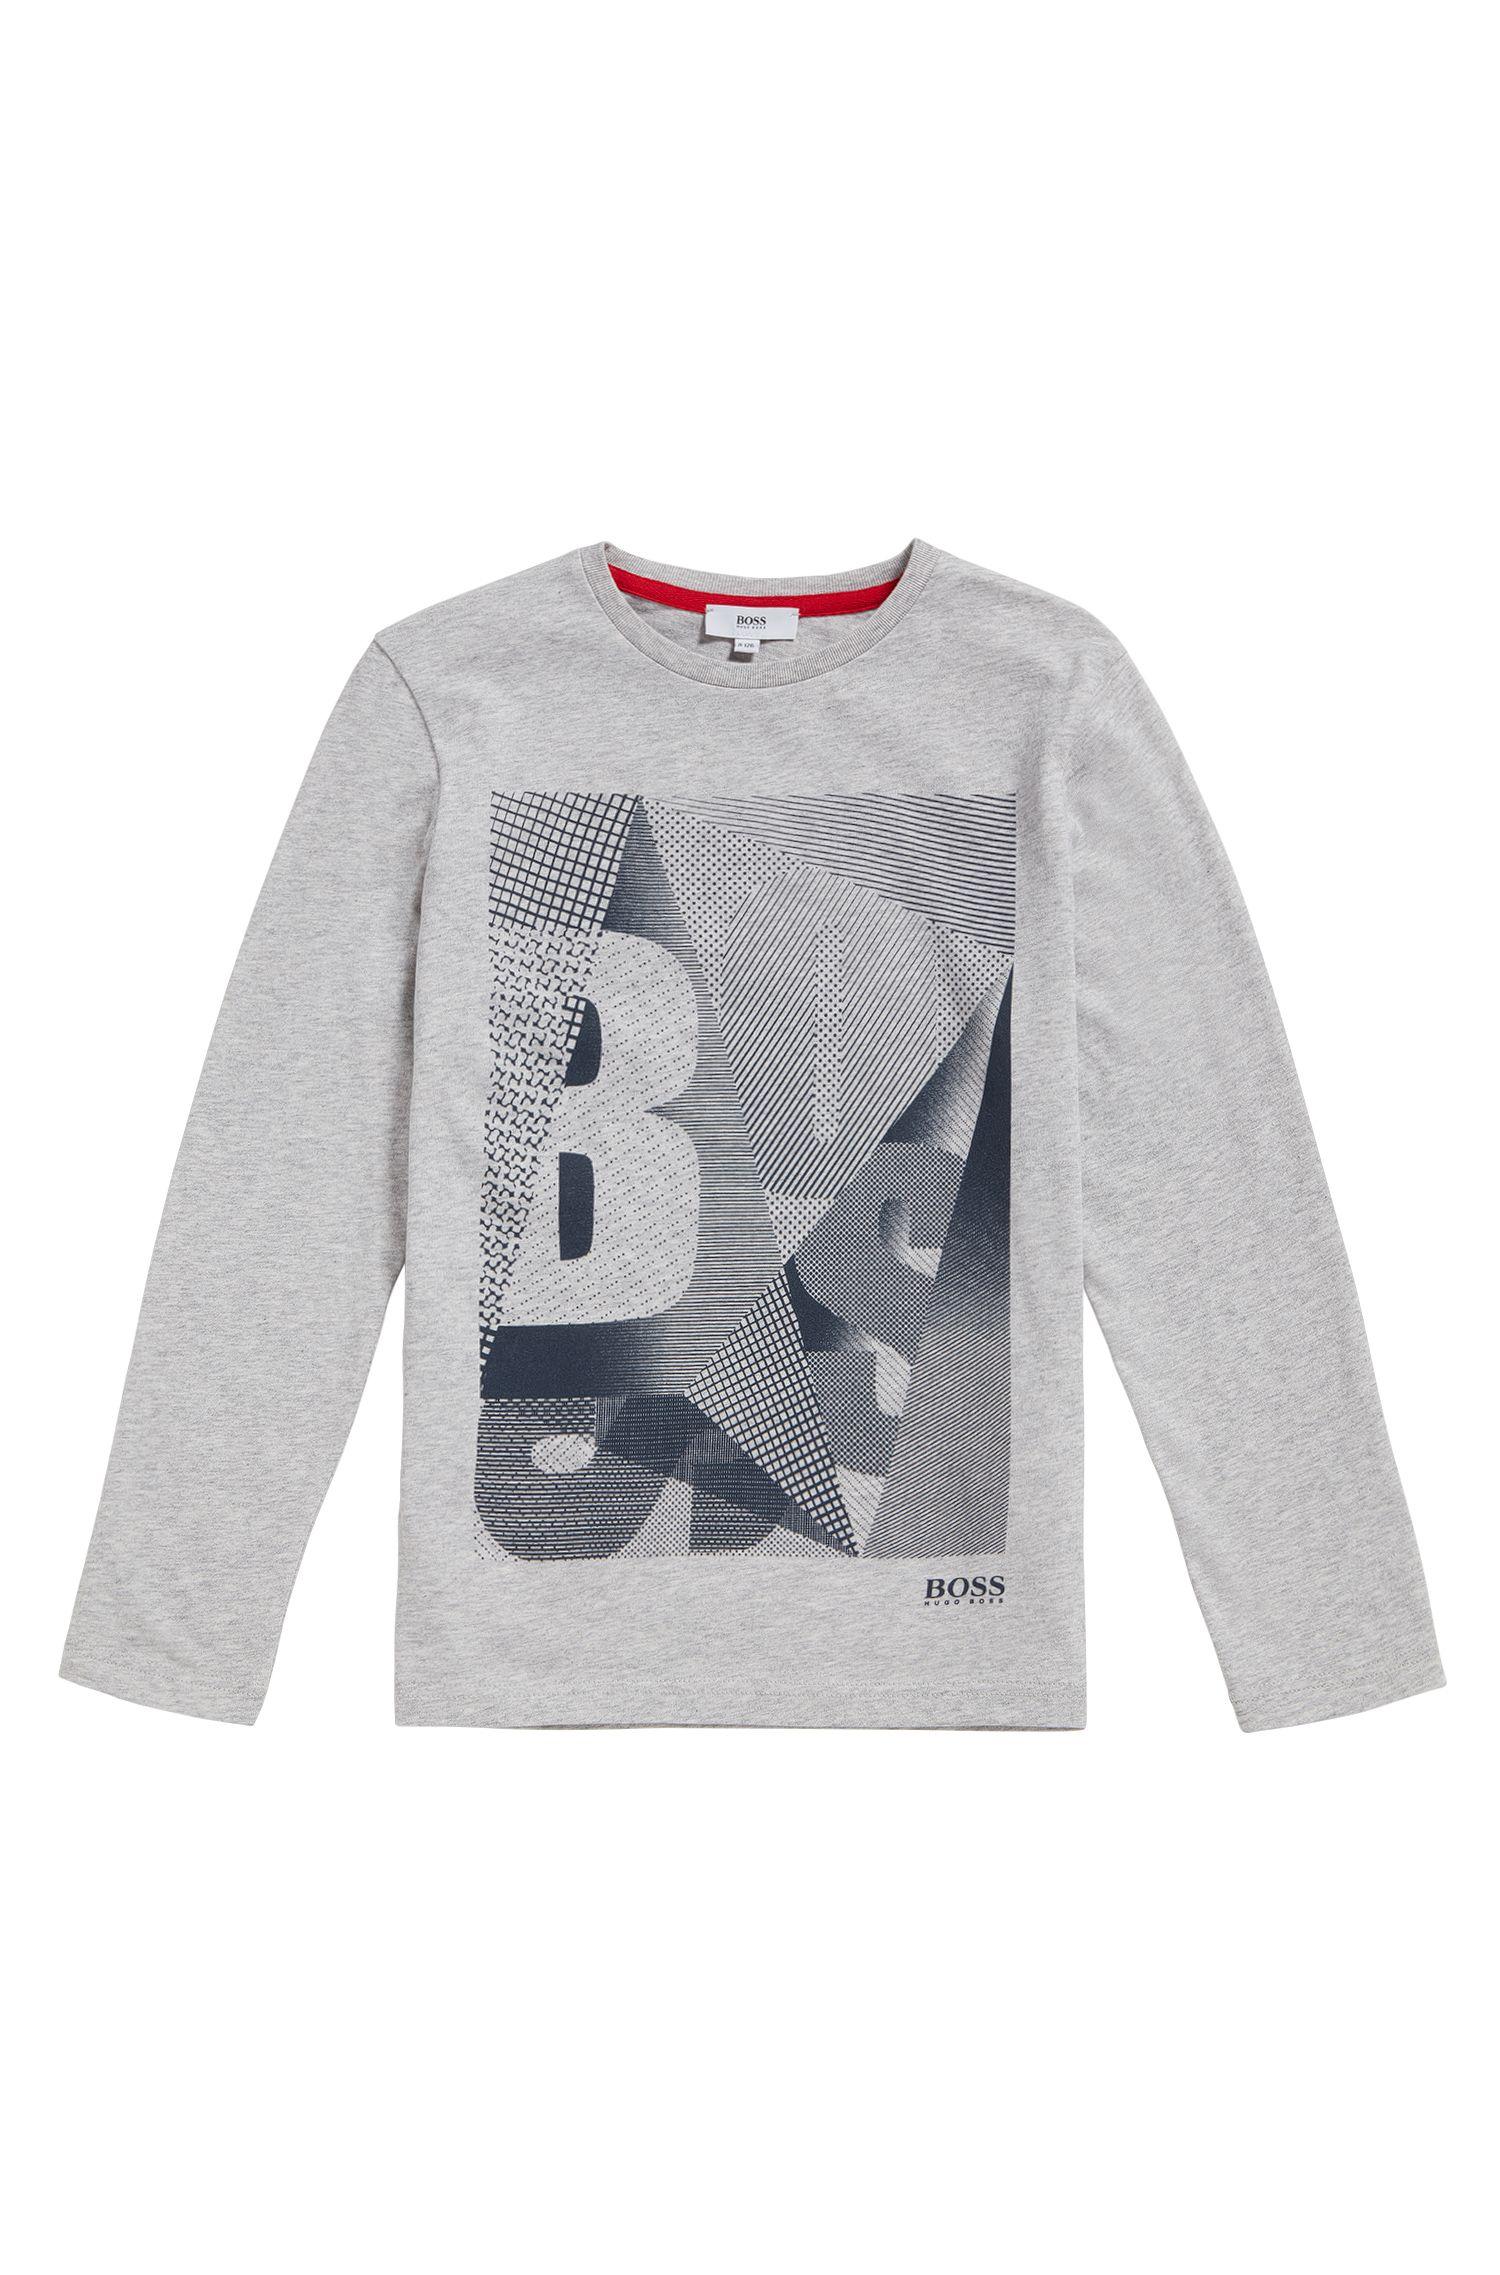 T-shirt da bambino in cotone con etichetta stampata: 'J25A06'